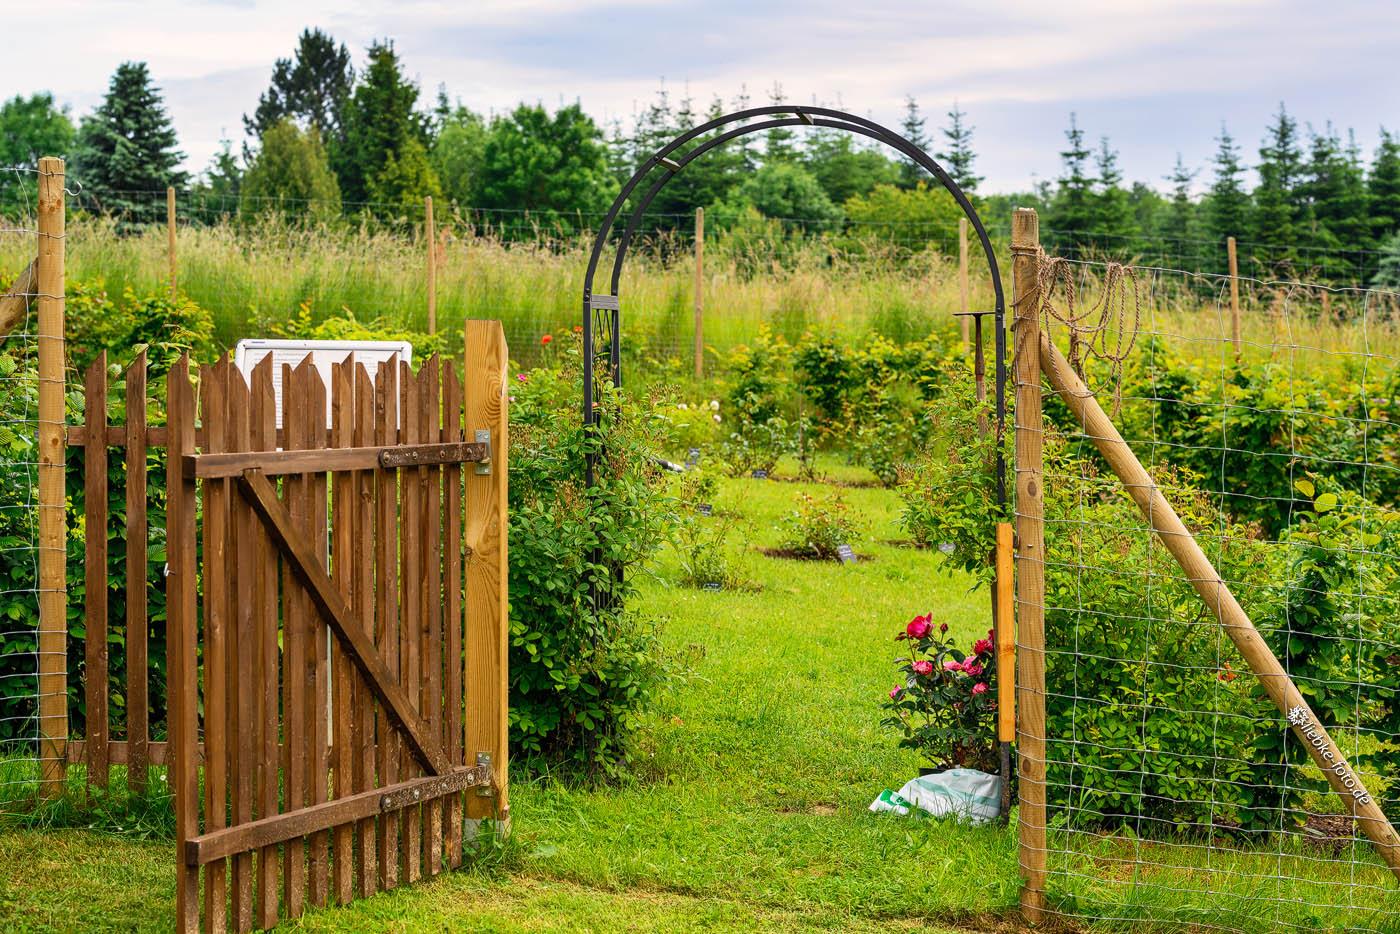 Eingangspforte, Hecke und Rosenbogen vom Garten